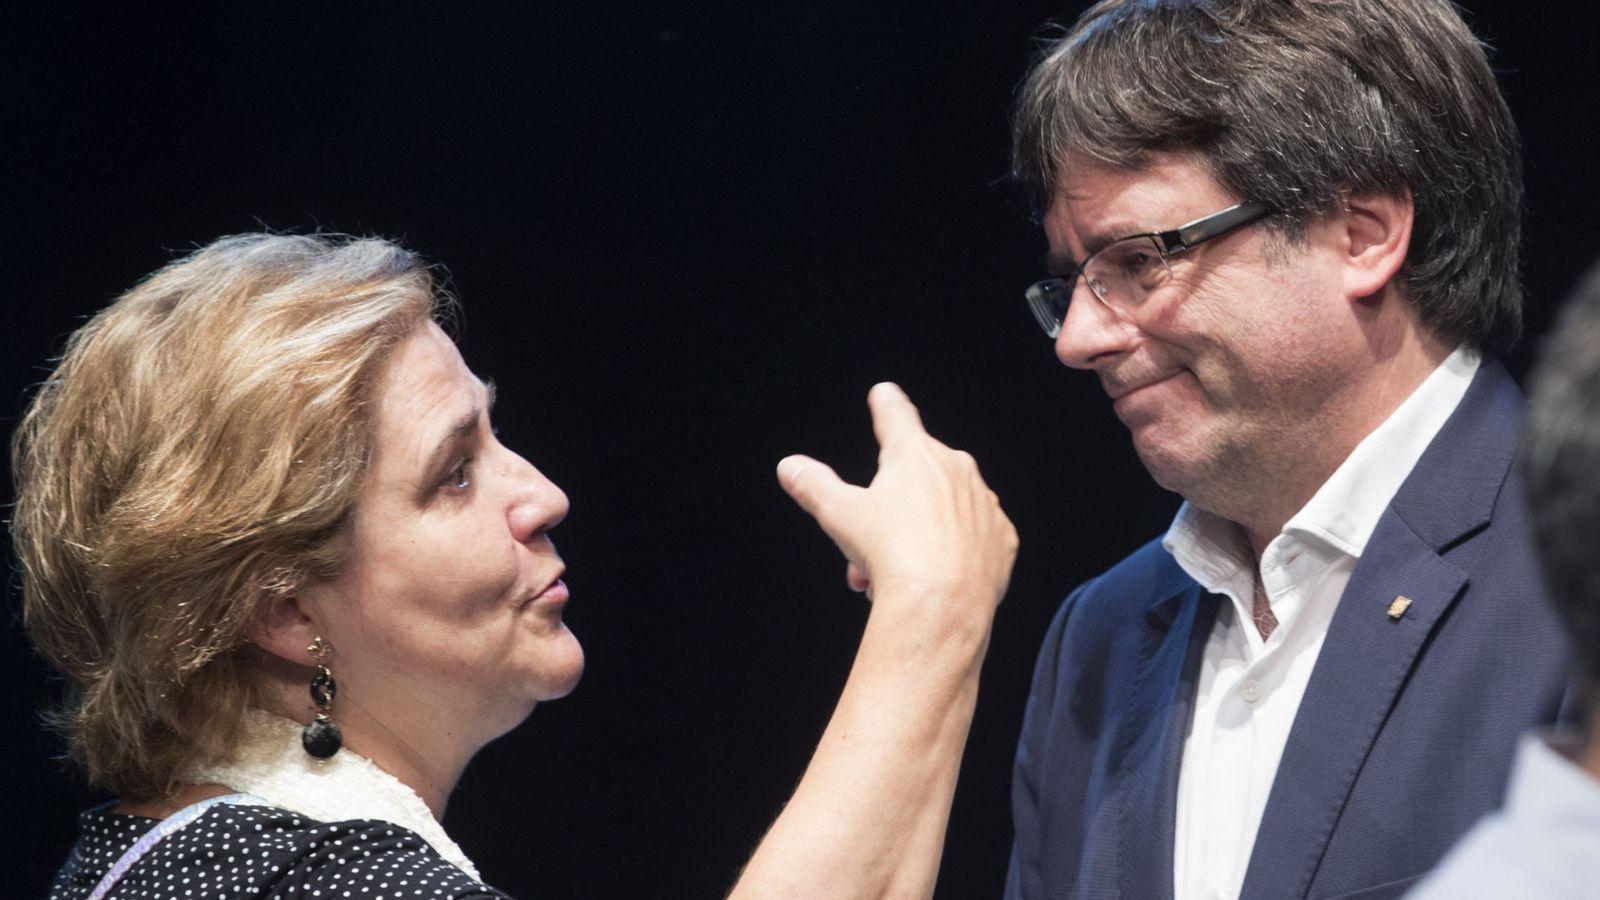 Foto: El expresidente de la Generalitat Carles Puigdemont conversa con la escritora Pilar Rahola. (EFE)